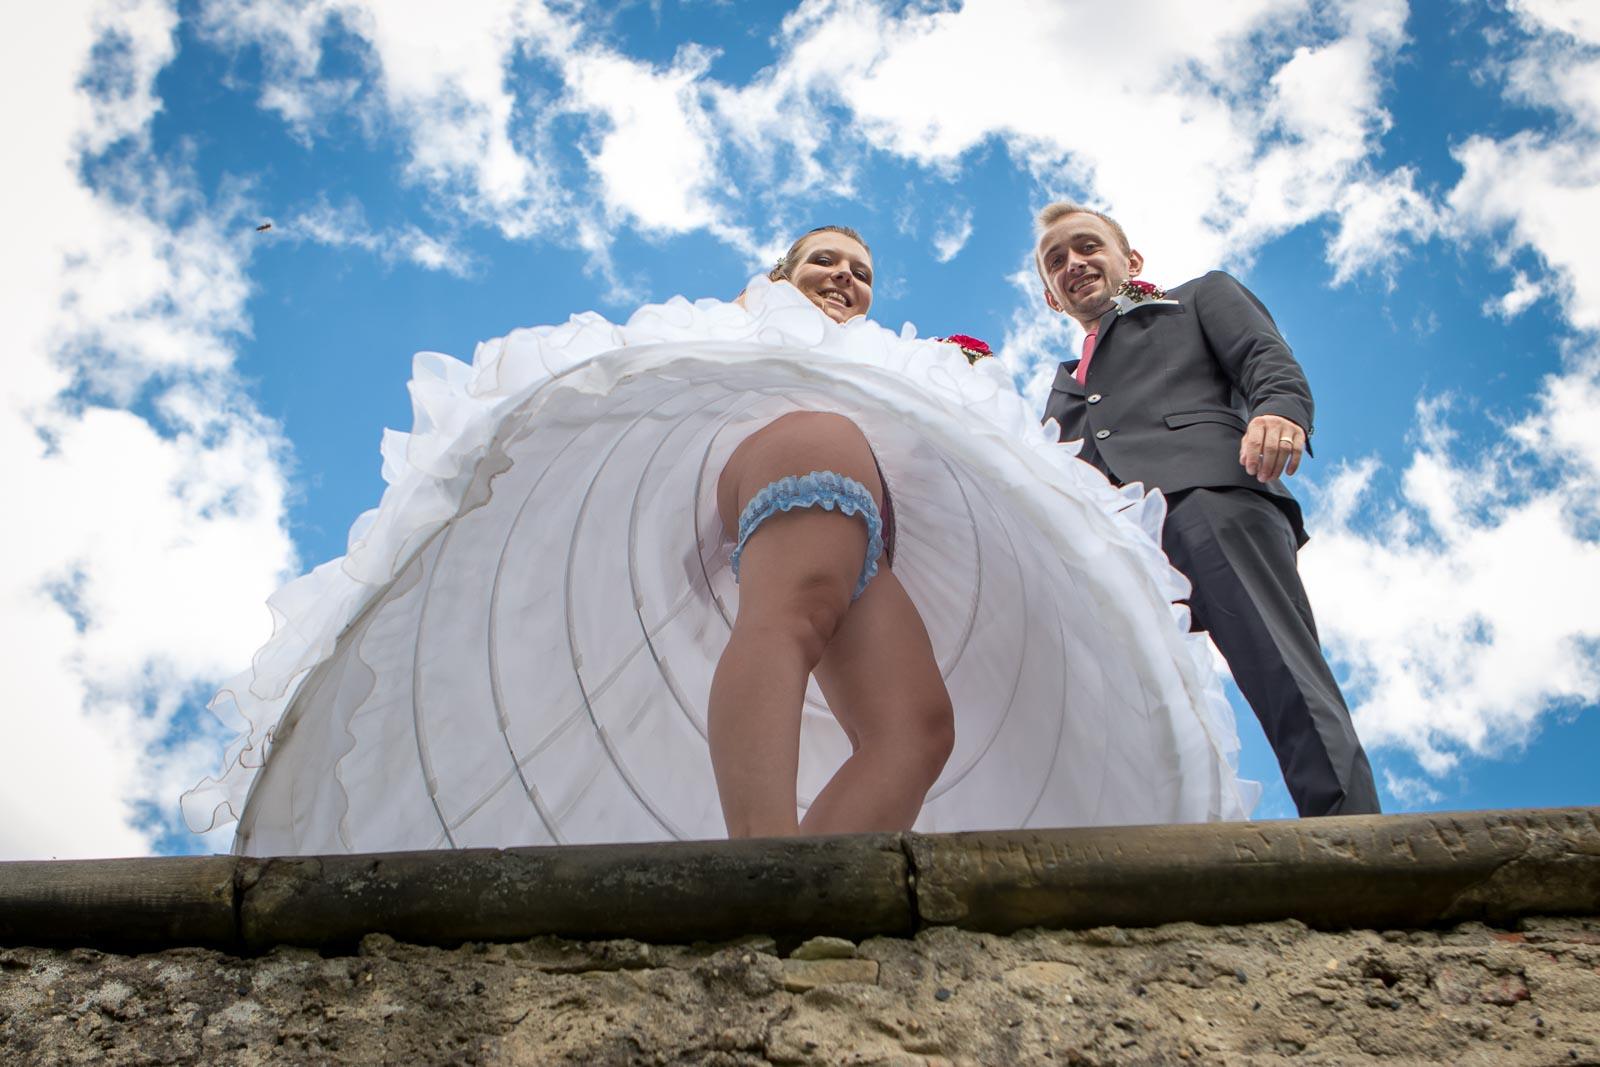 Svatba venku příprava svatebního obřadu Lysá na Labem, svatební agentura svatba venku, svatební fotograf studio Beautyfoto Lysá nad Labem